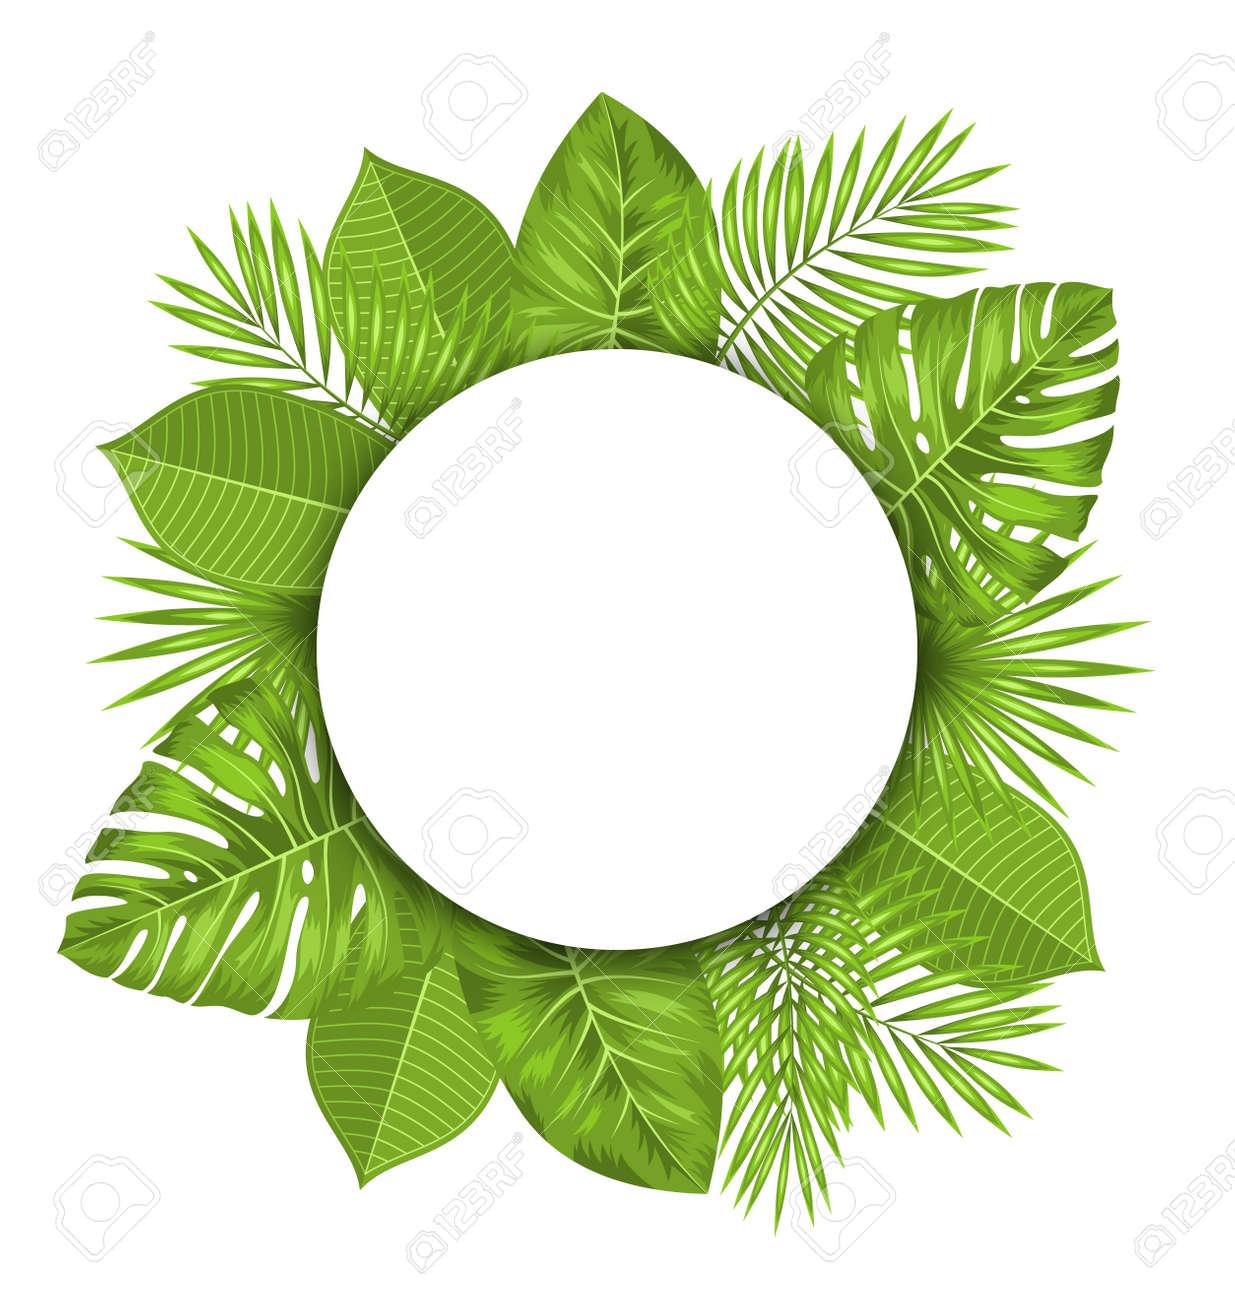 Ilustración Tarjeta Limpia Con Espacio De Texto Y Hojas Verdes Tropicales Trama